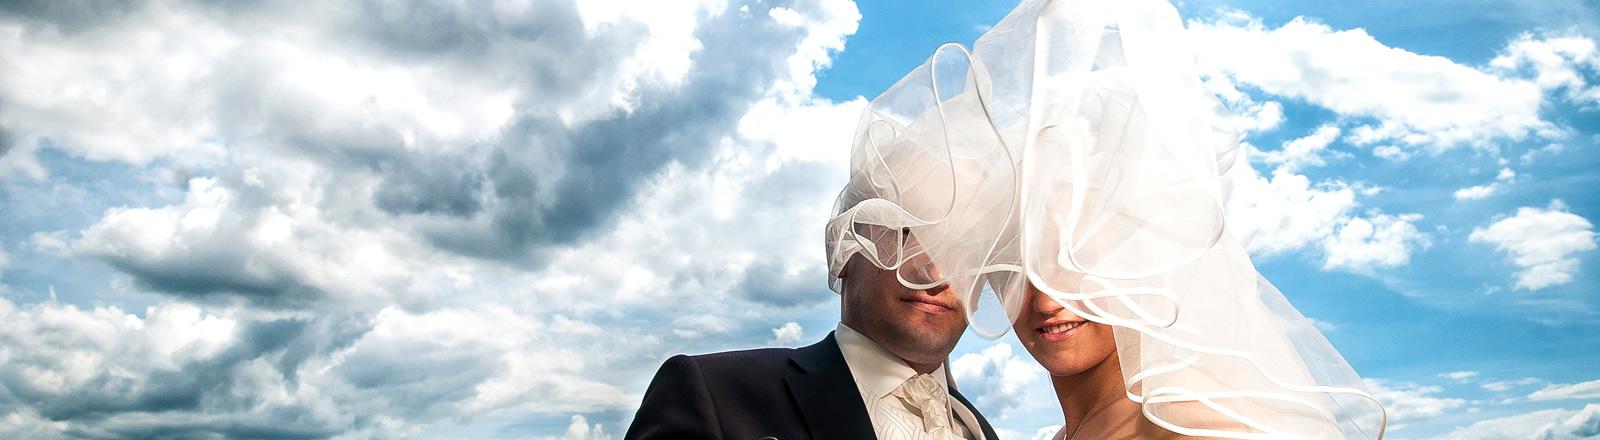 Ein Brautpaar vor Wolkenhimmel mit dem Schleier der Braut im Gesicht.